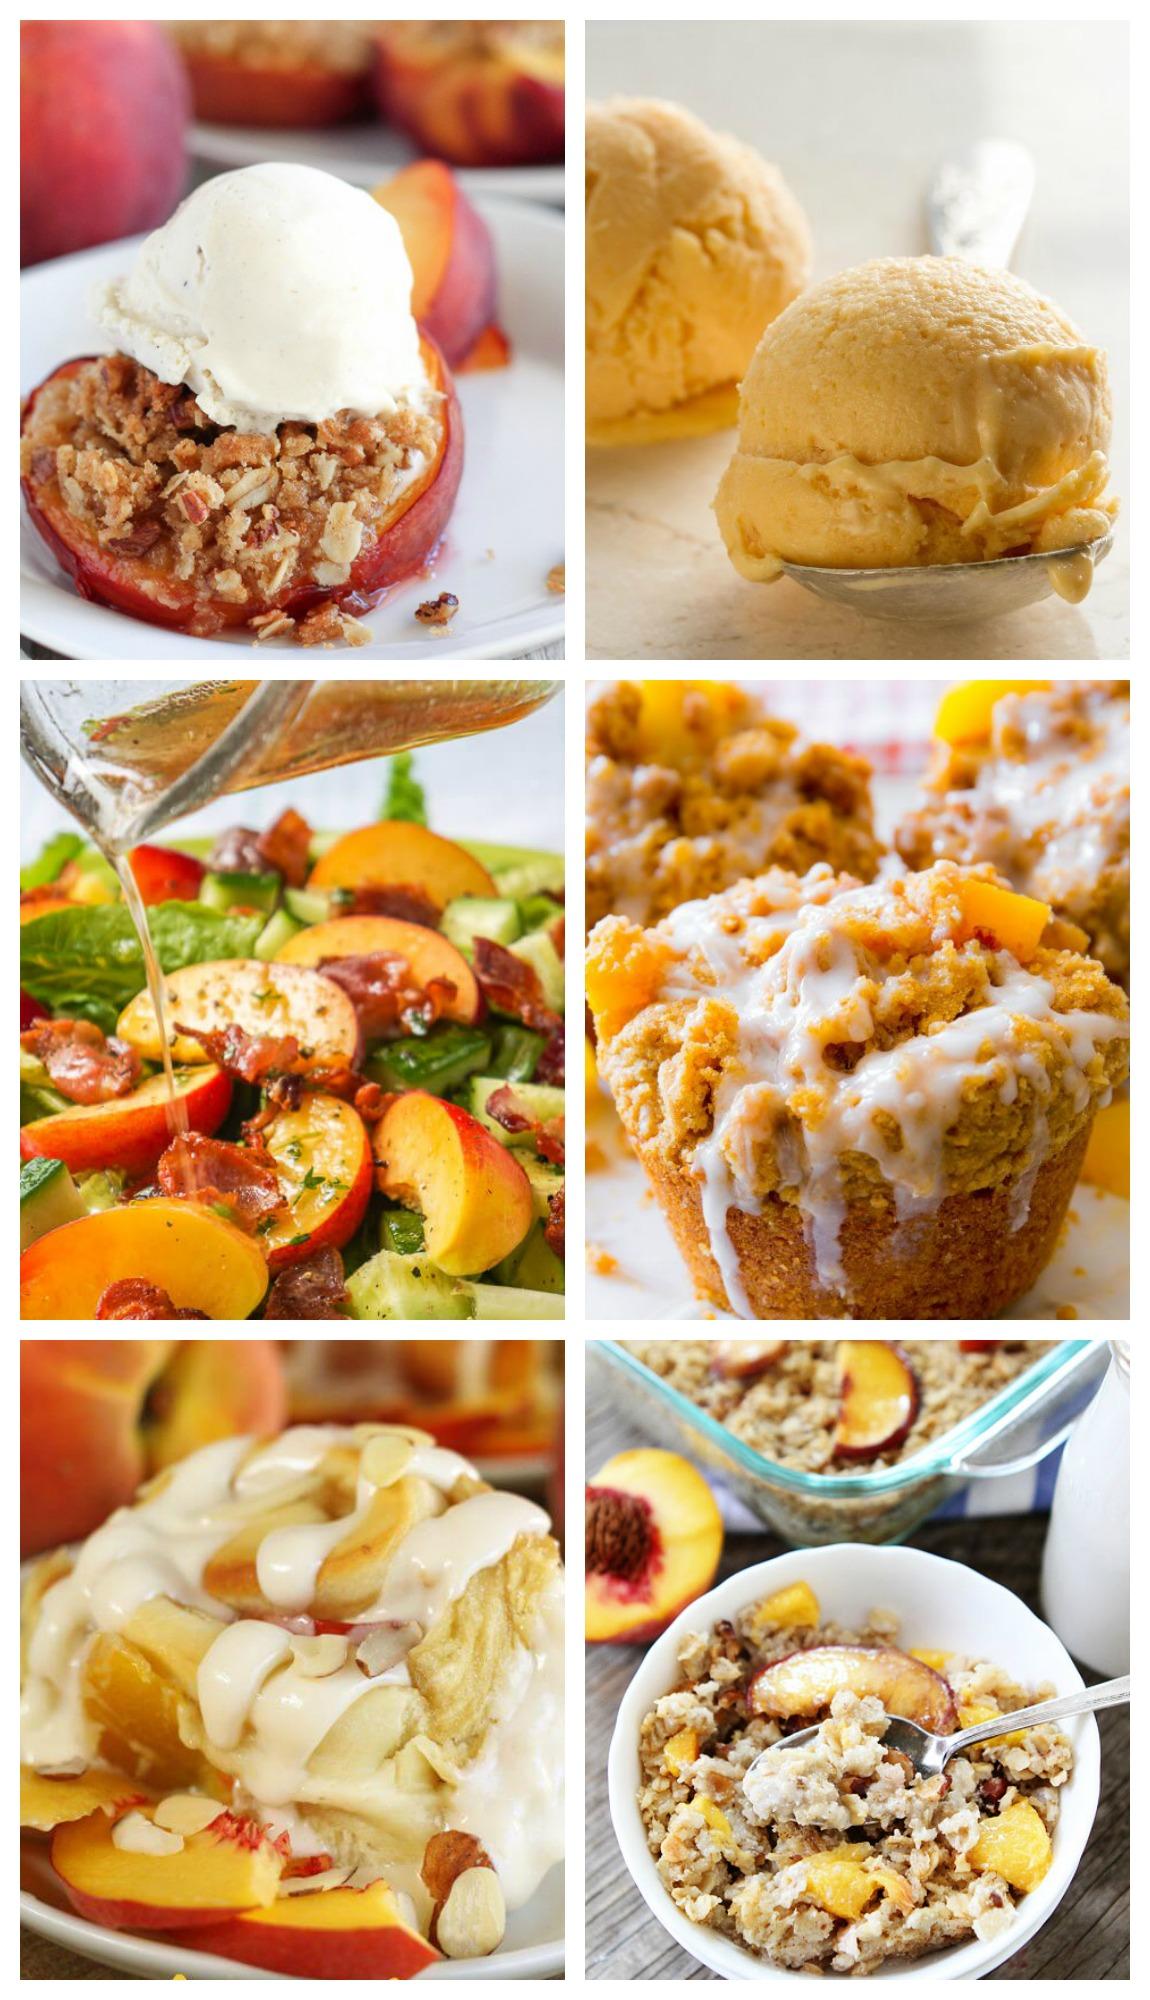 peach recipes, recipes using peaches, fresh peaches in recipes, easy peach recipes, Peach desserts, peach cobbler, peach oatmeal, peach cookies, peach muffins, grilling peaches, peach ice cream, fresh peaches